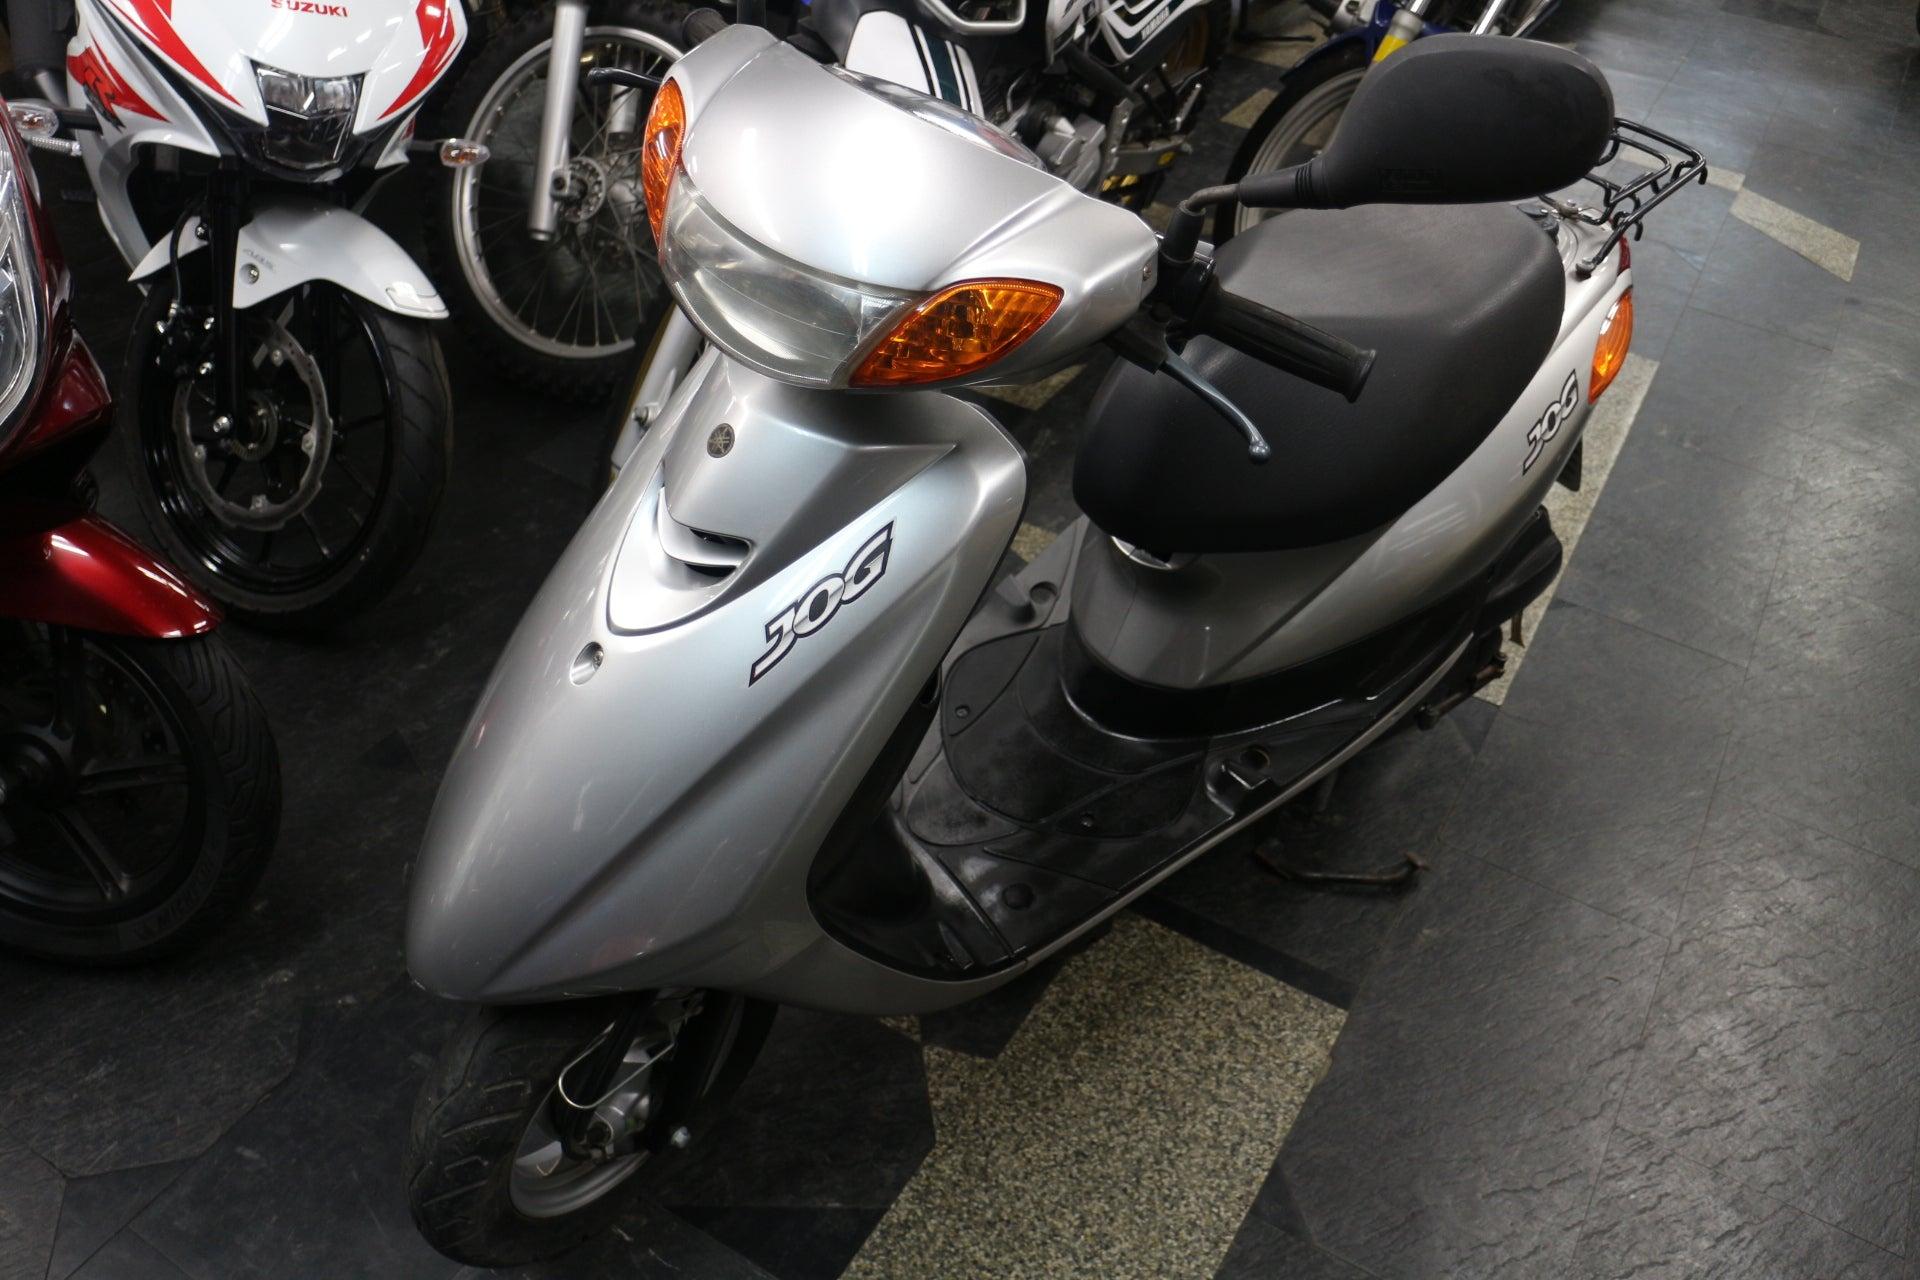 新入庫中古車のお知らせ 50ccスクーター